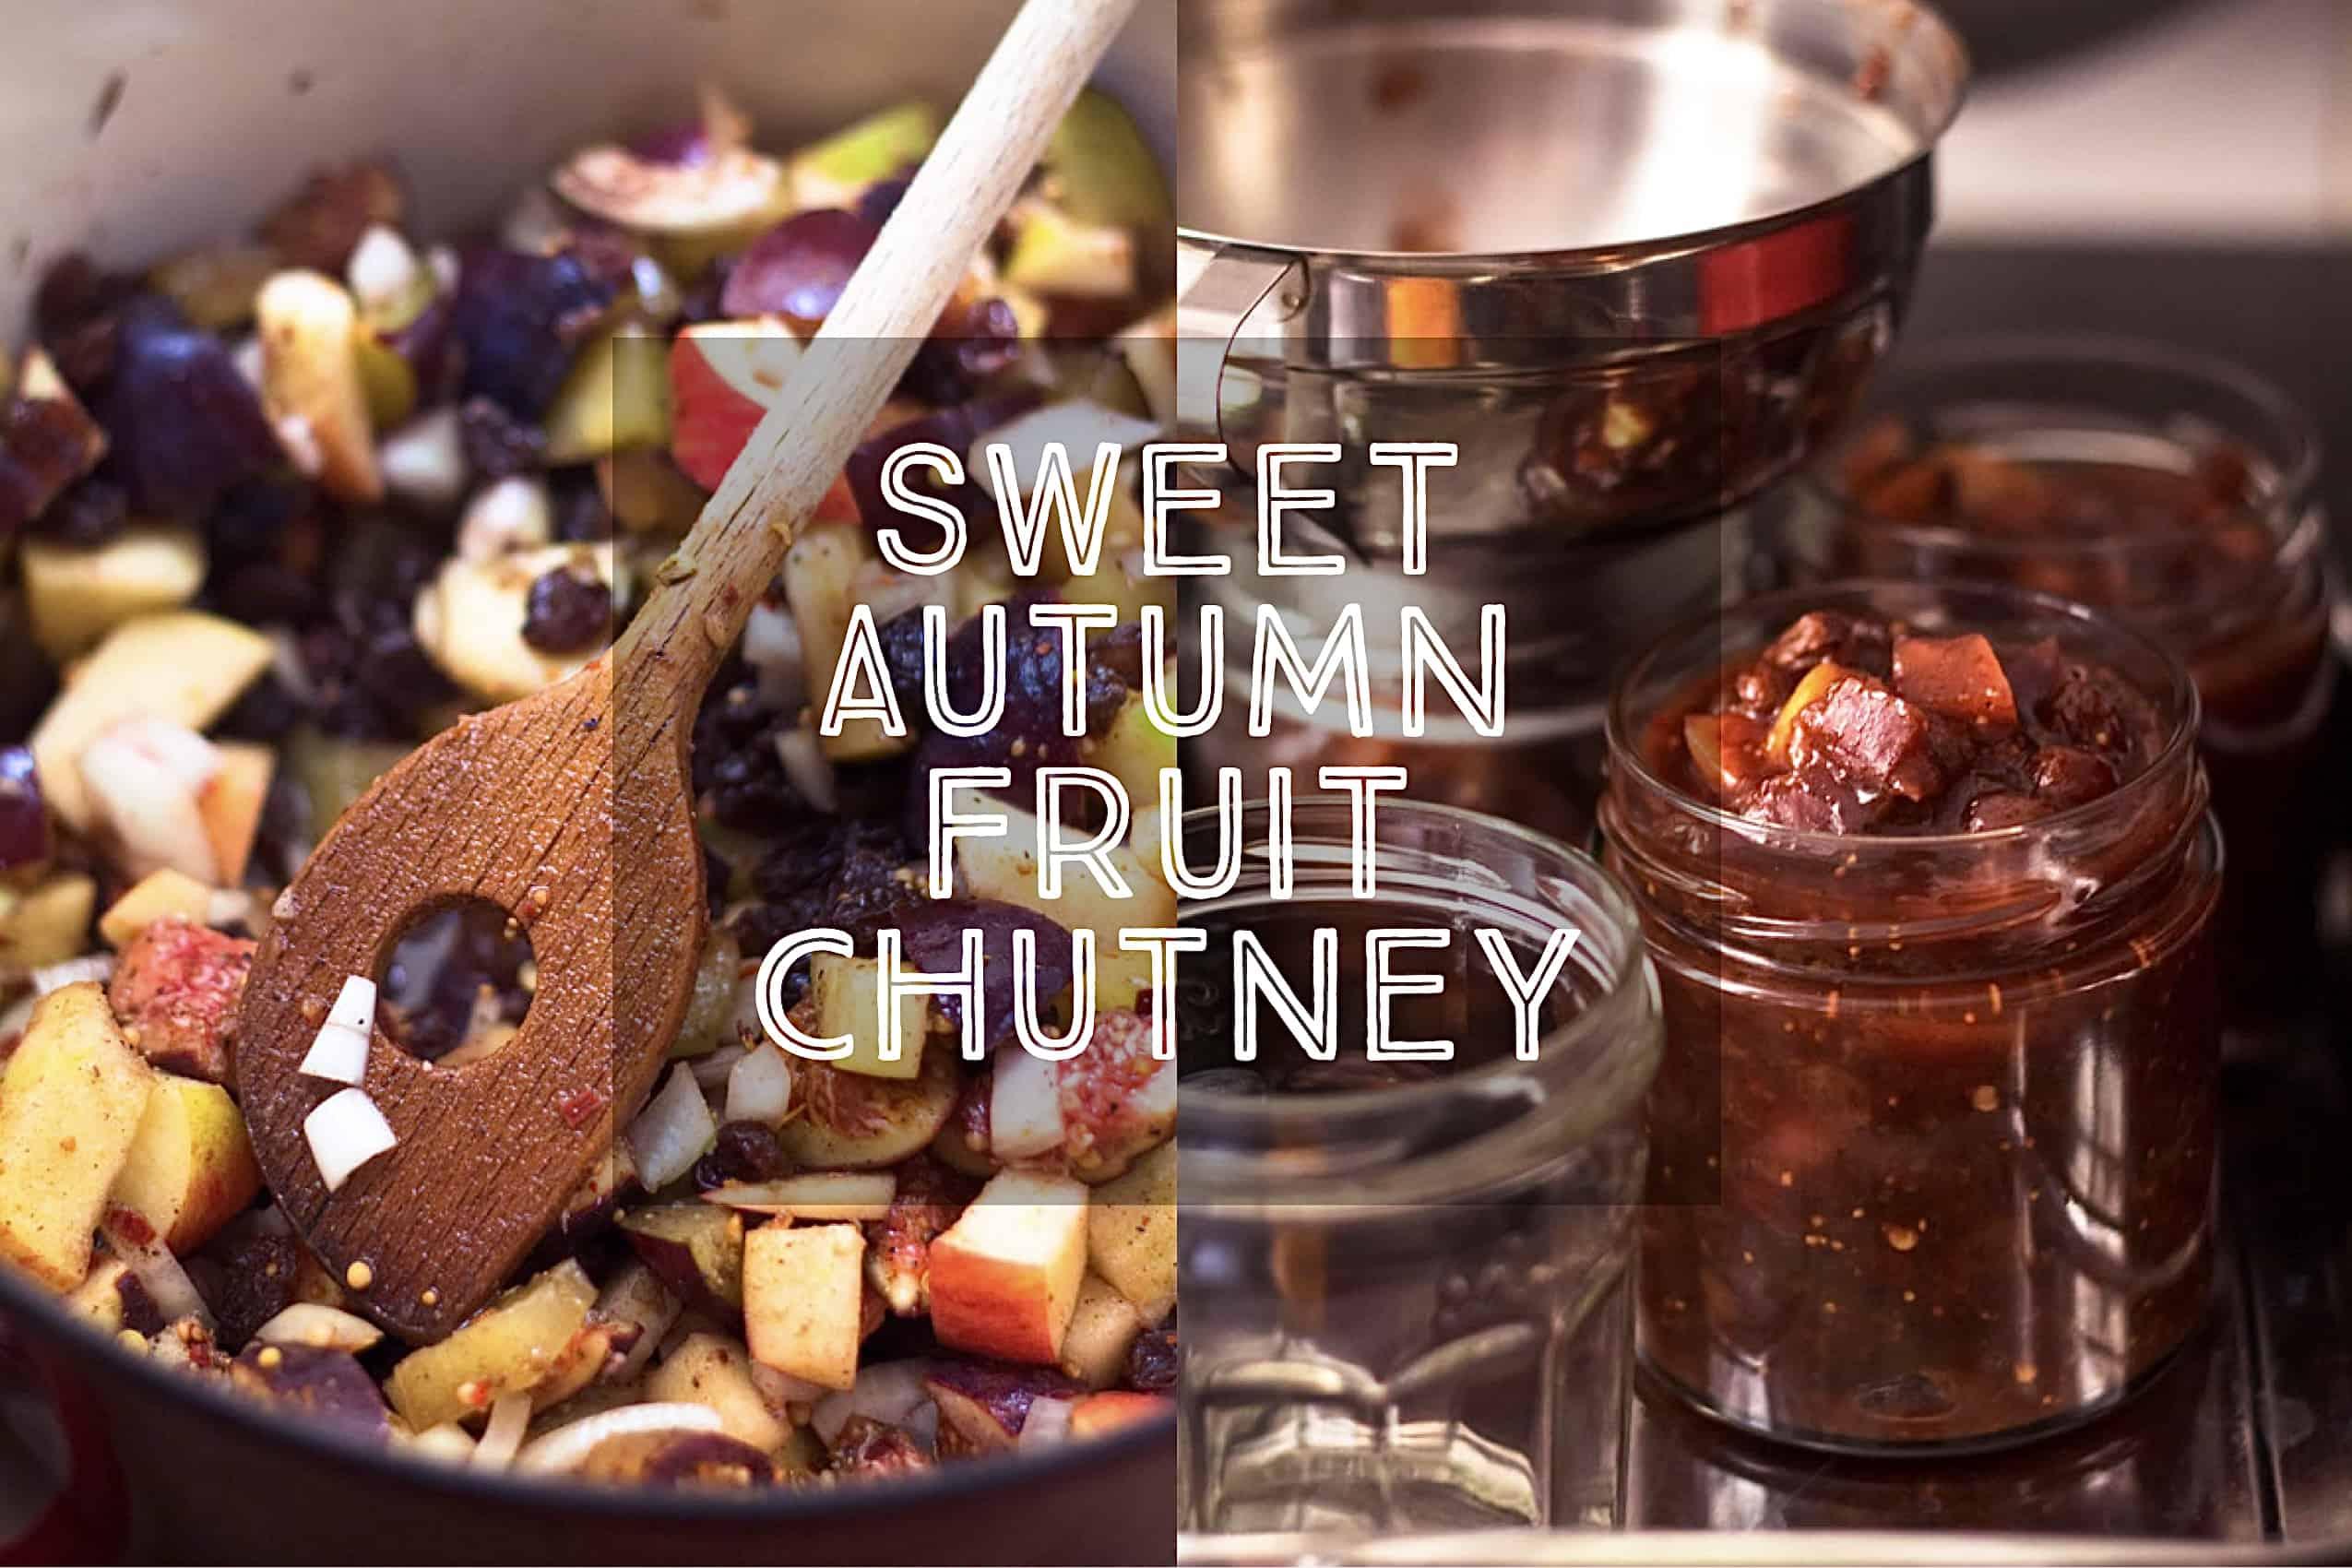 Sweet Autumn Fruit Chutney